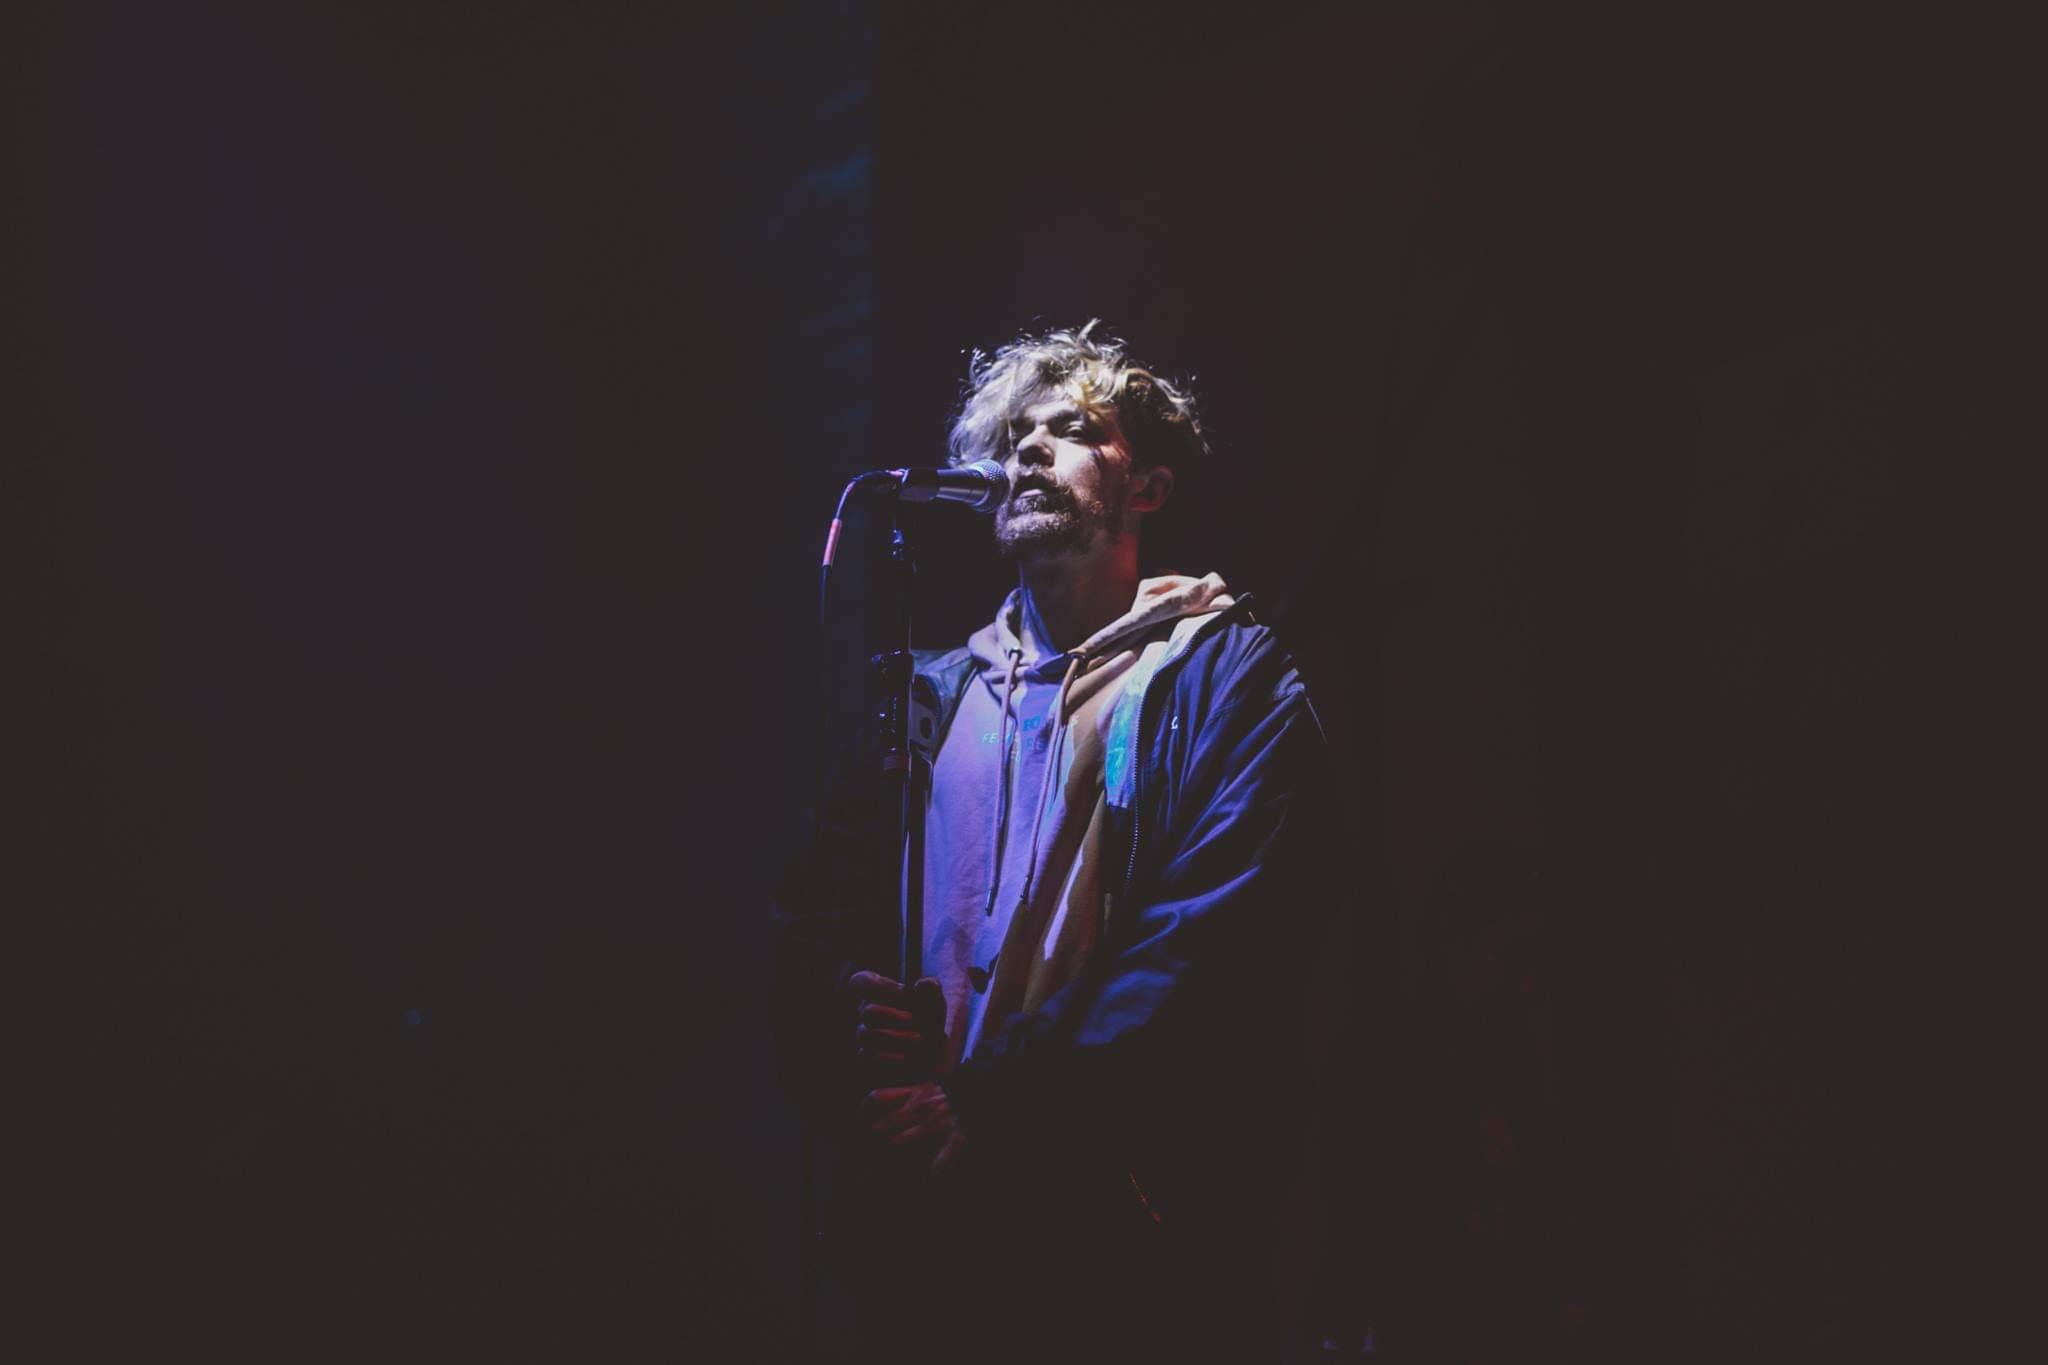 Дніпровський проєкт banned society випустив новий альбом